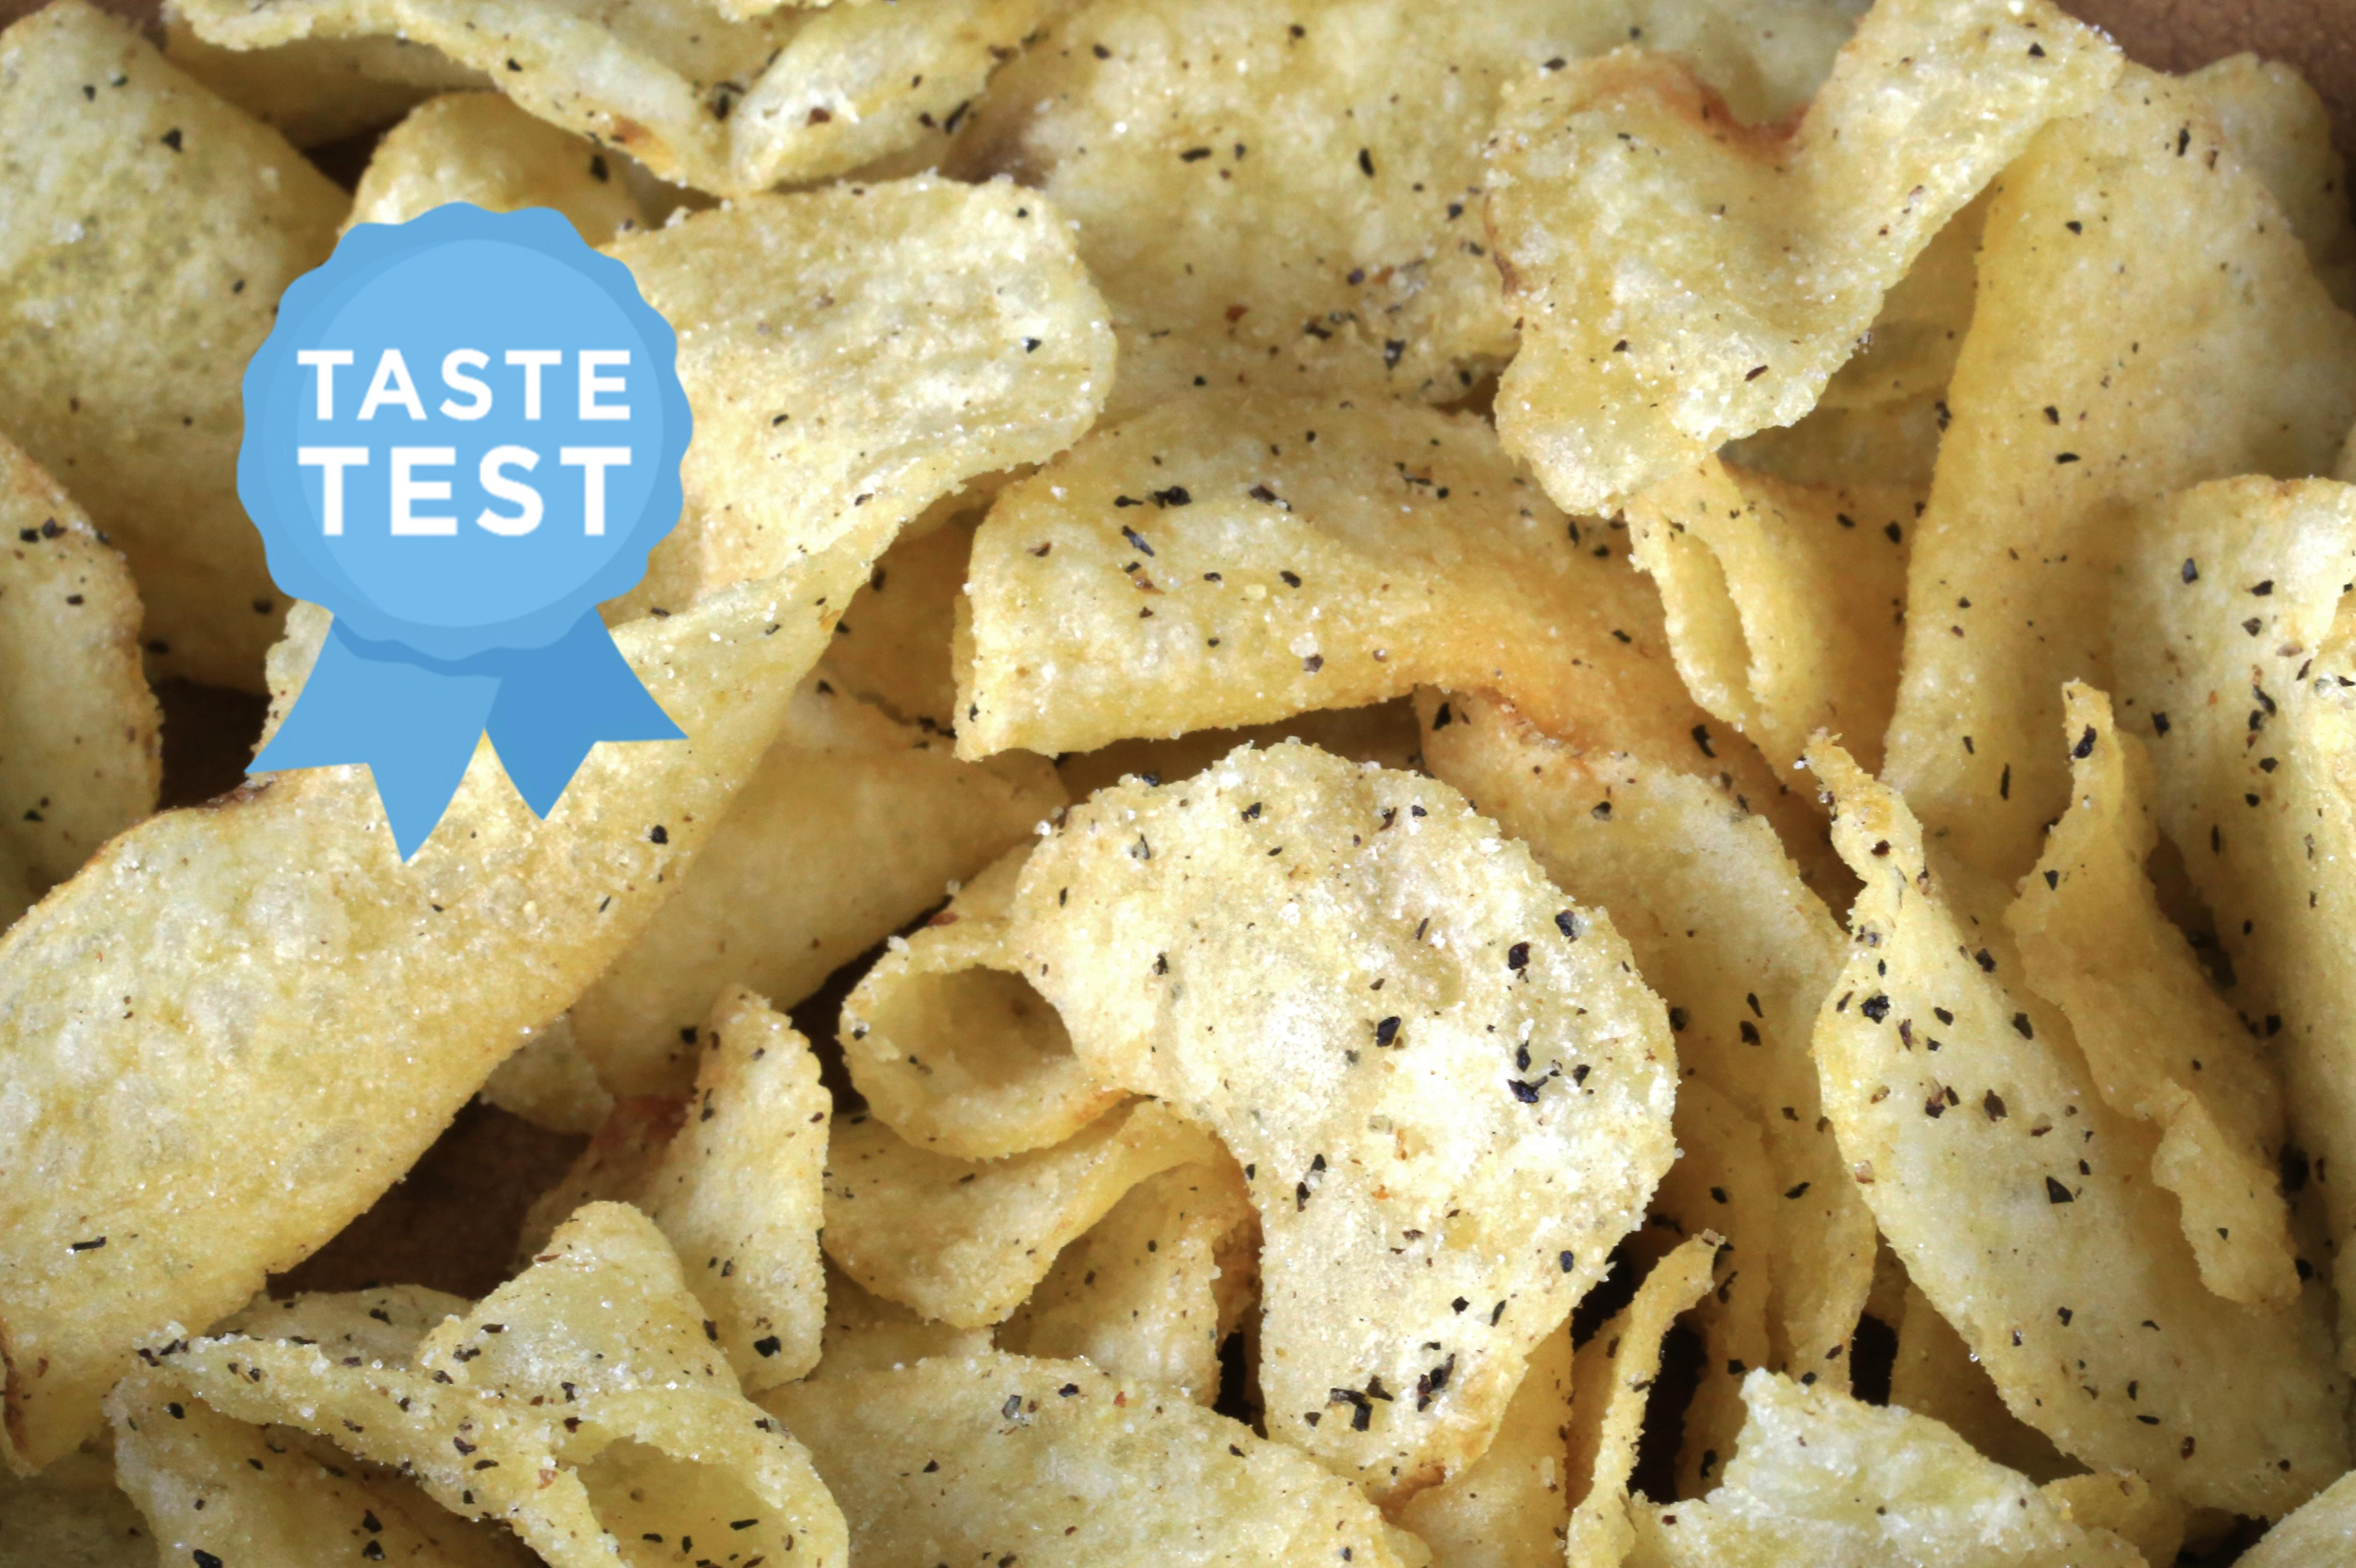 kettle-chips-taste-test